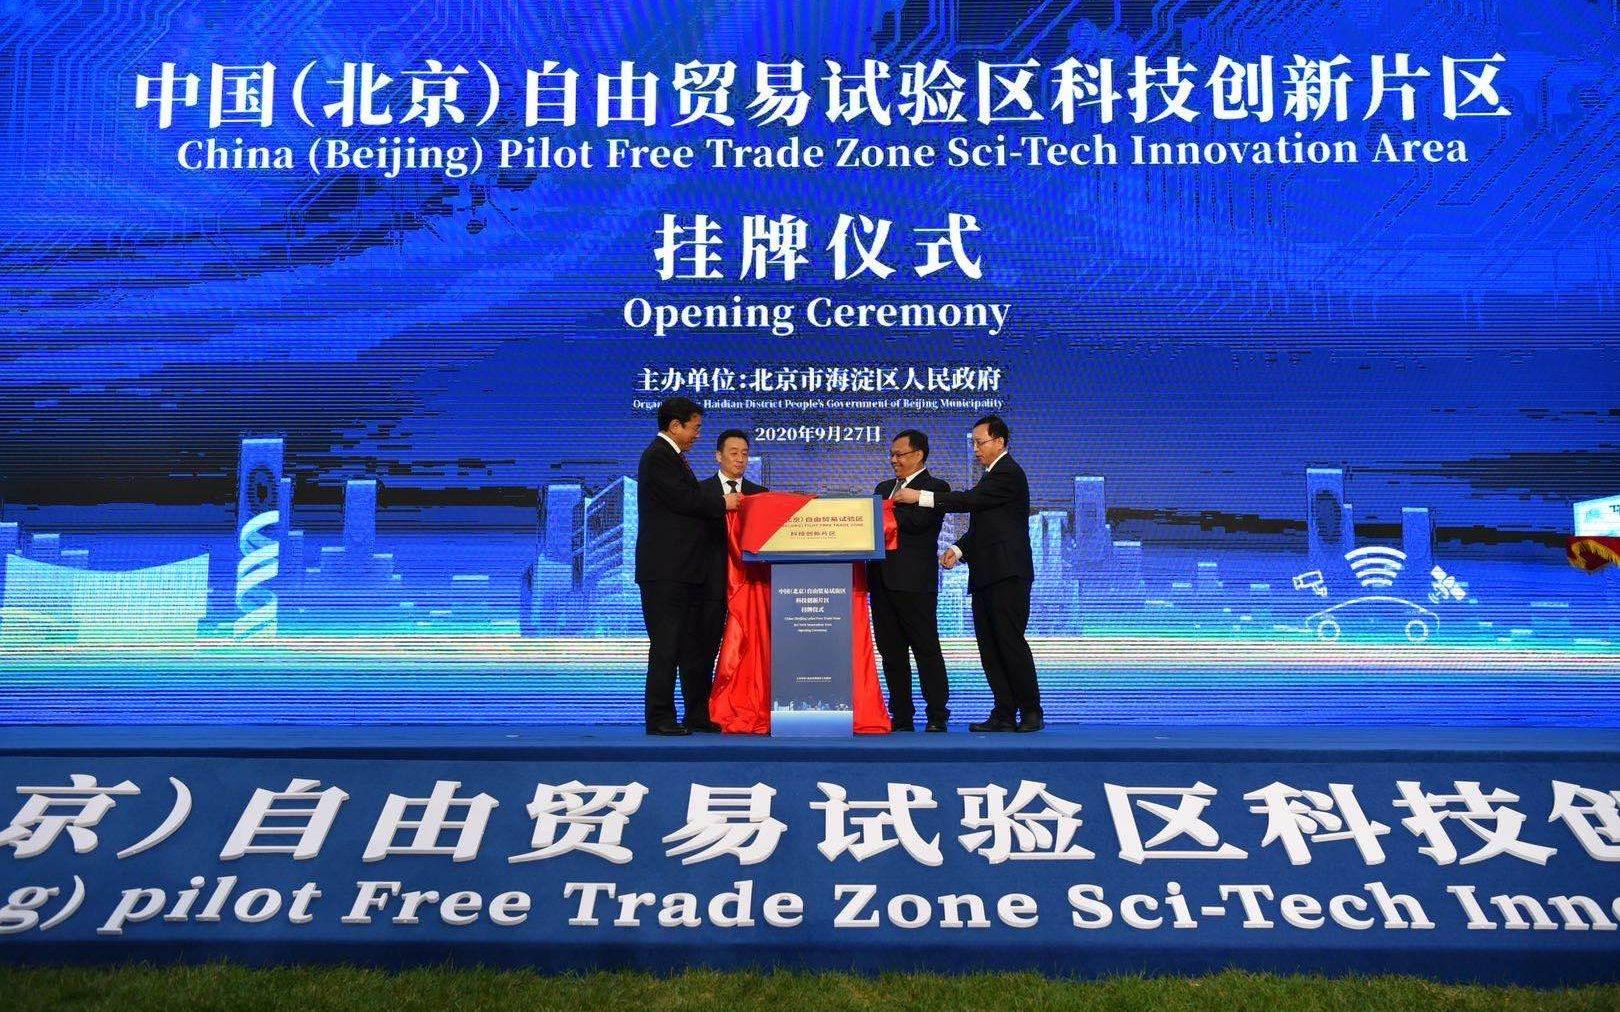 北京自贸区科技创新片区挂牌,中关村科学城占68%